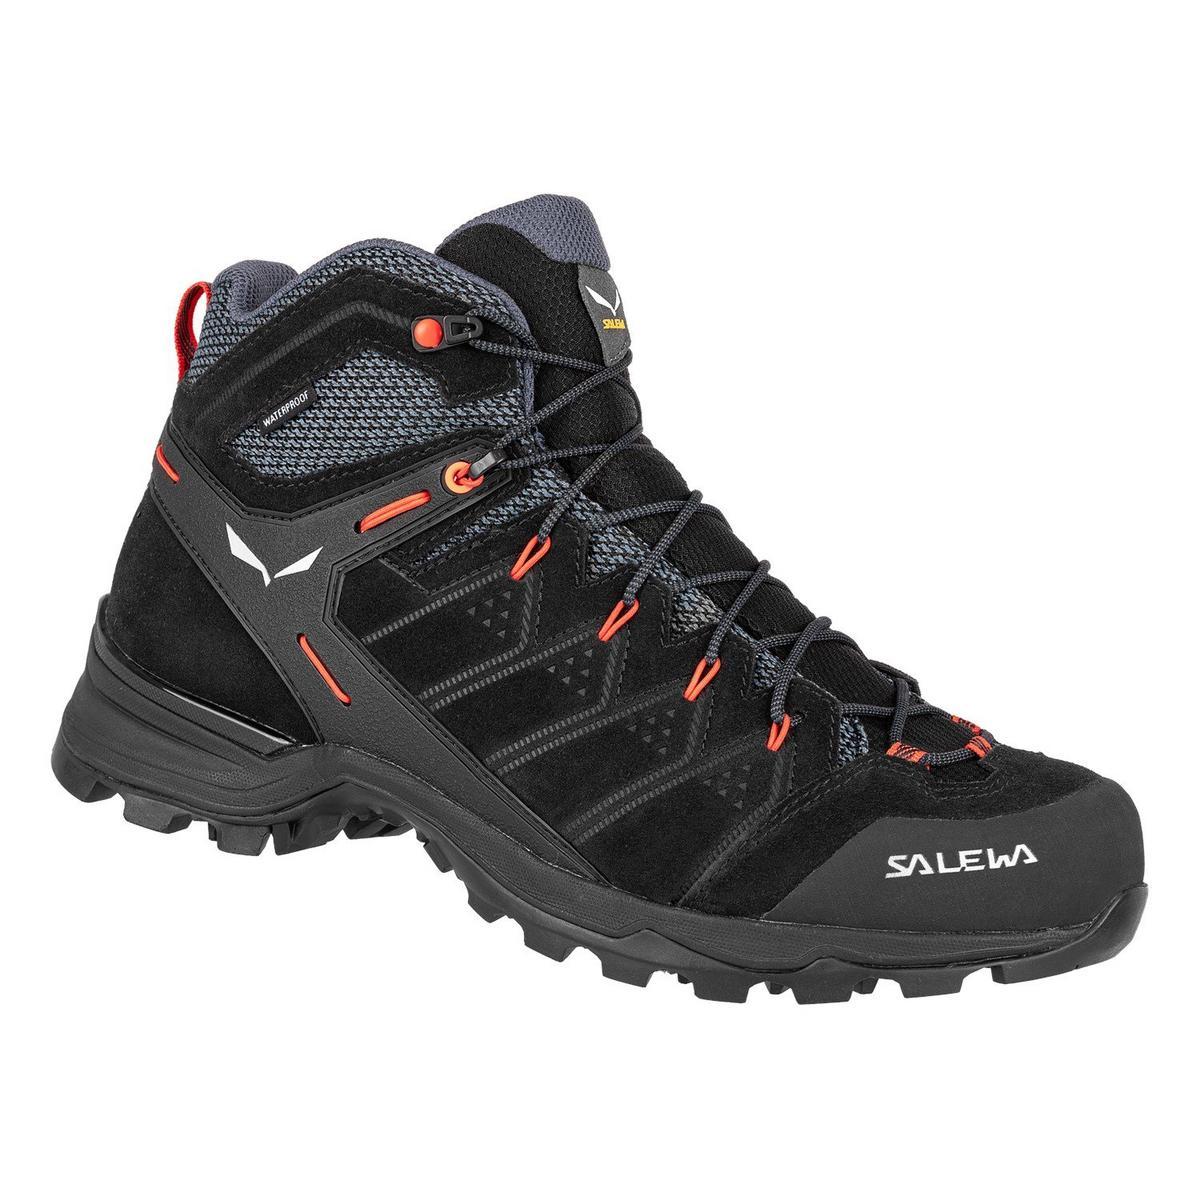 Salewa Men's Alp Mate Mid Waterproof Shoe- Blackout